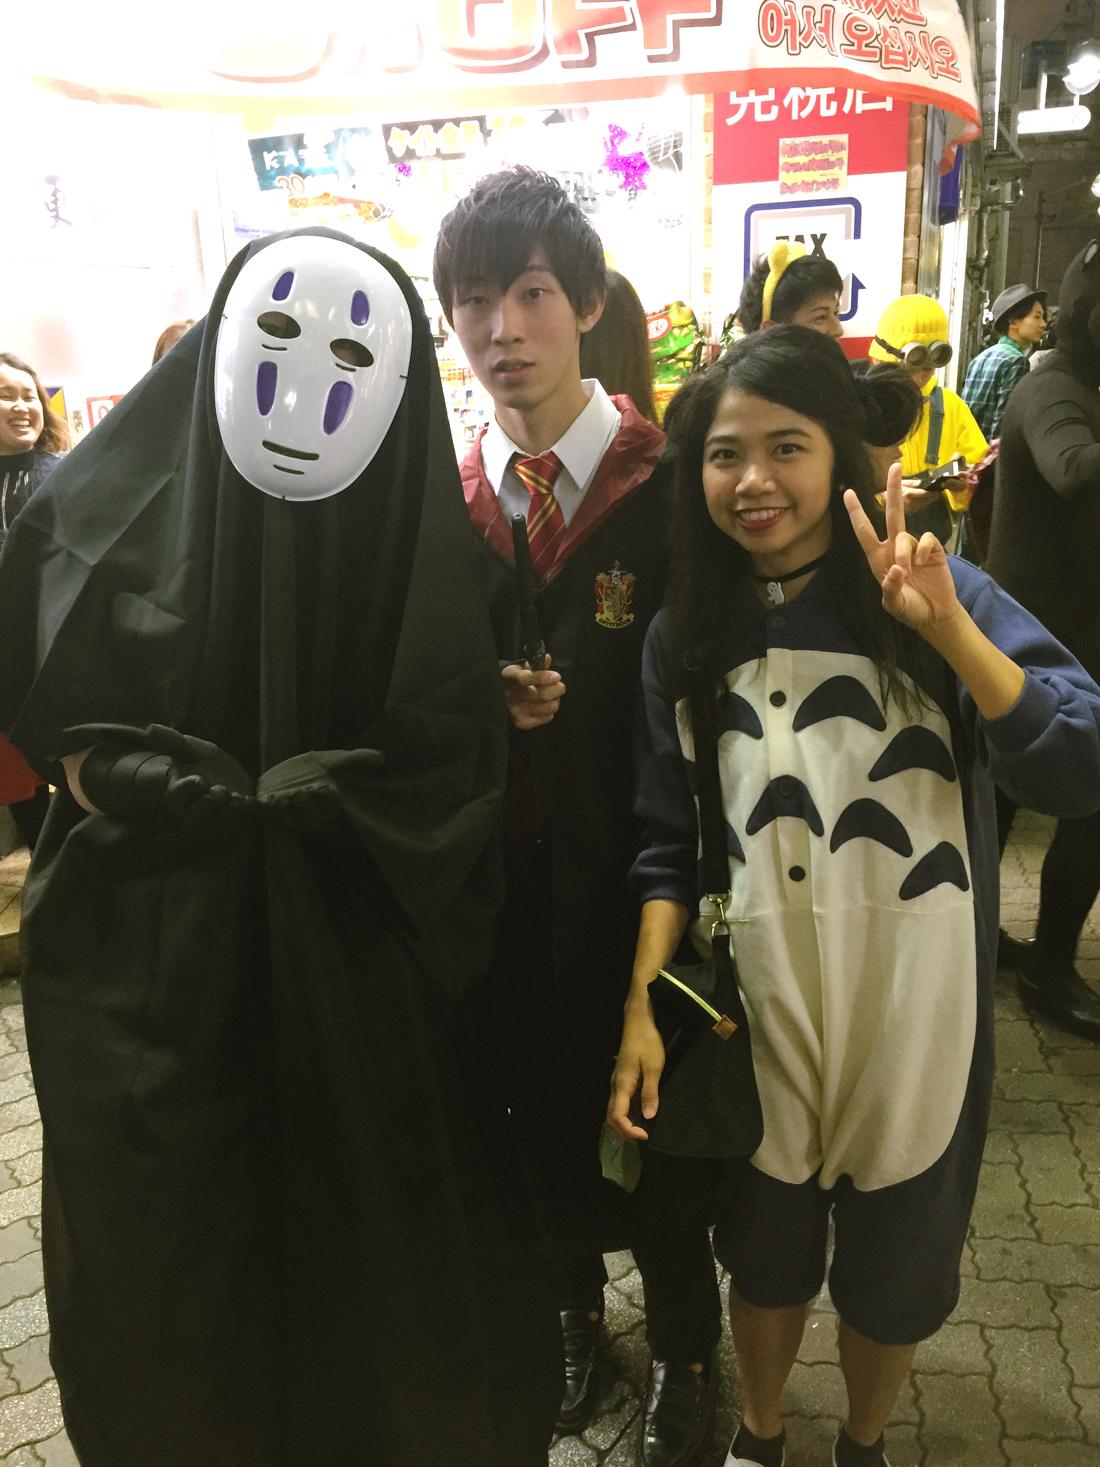 halloween-in-shibuya-halloween-in-tokyo-rainbowholic-25